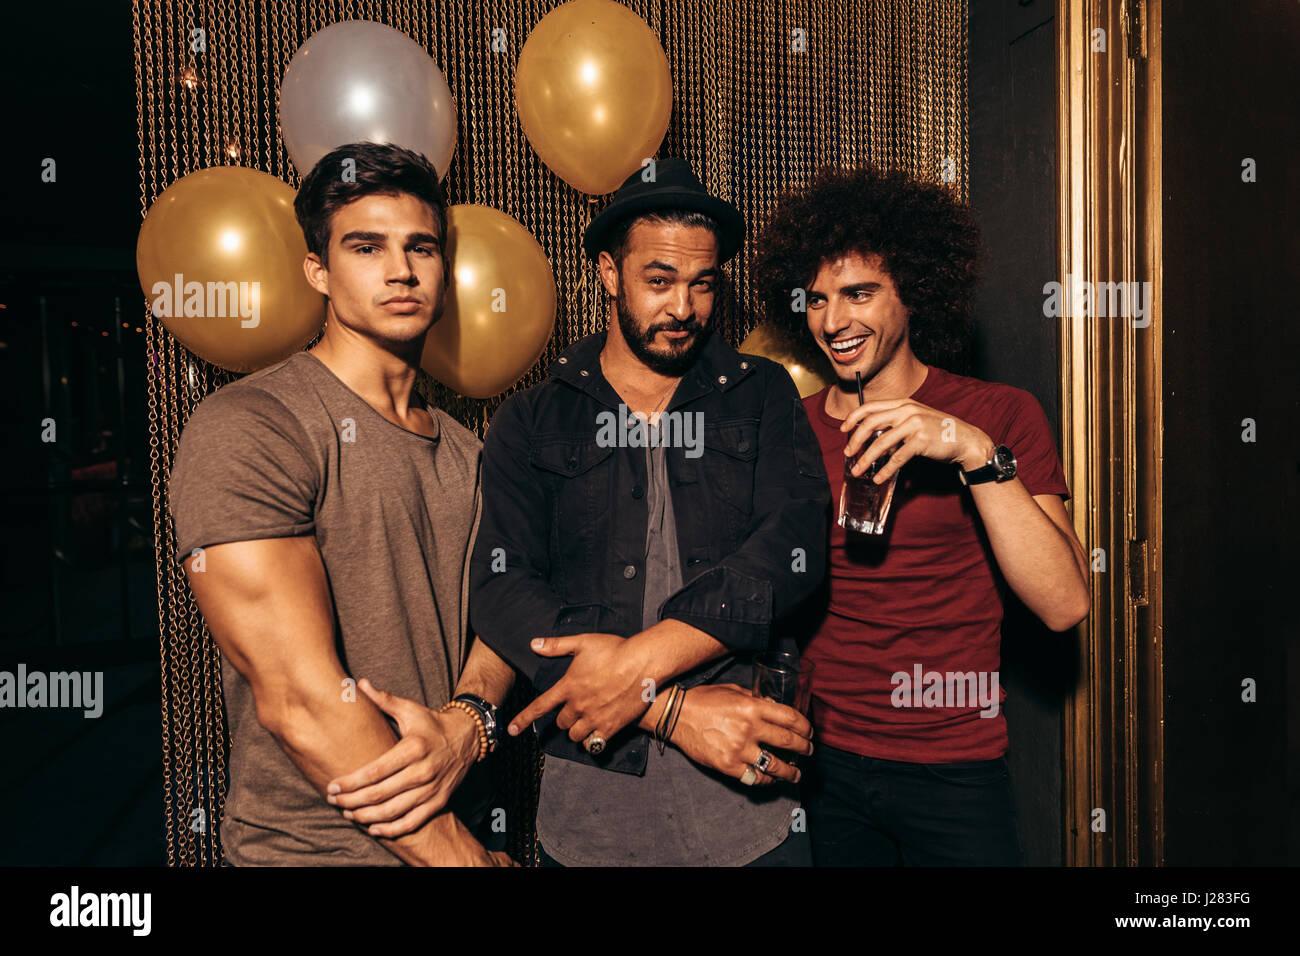 Retrato de tres jóvenes la fiesta en la discoteca. Grupo de hombres que tienen buenos tiempos en el pub. Imagen De Stock